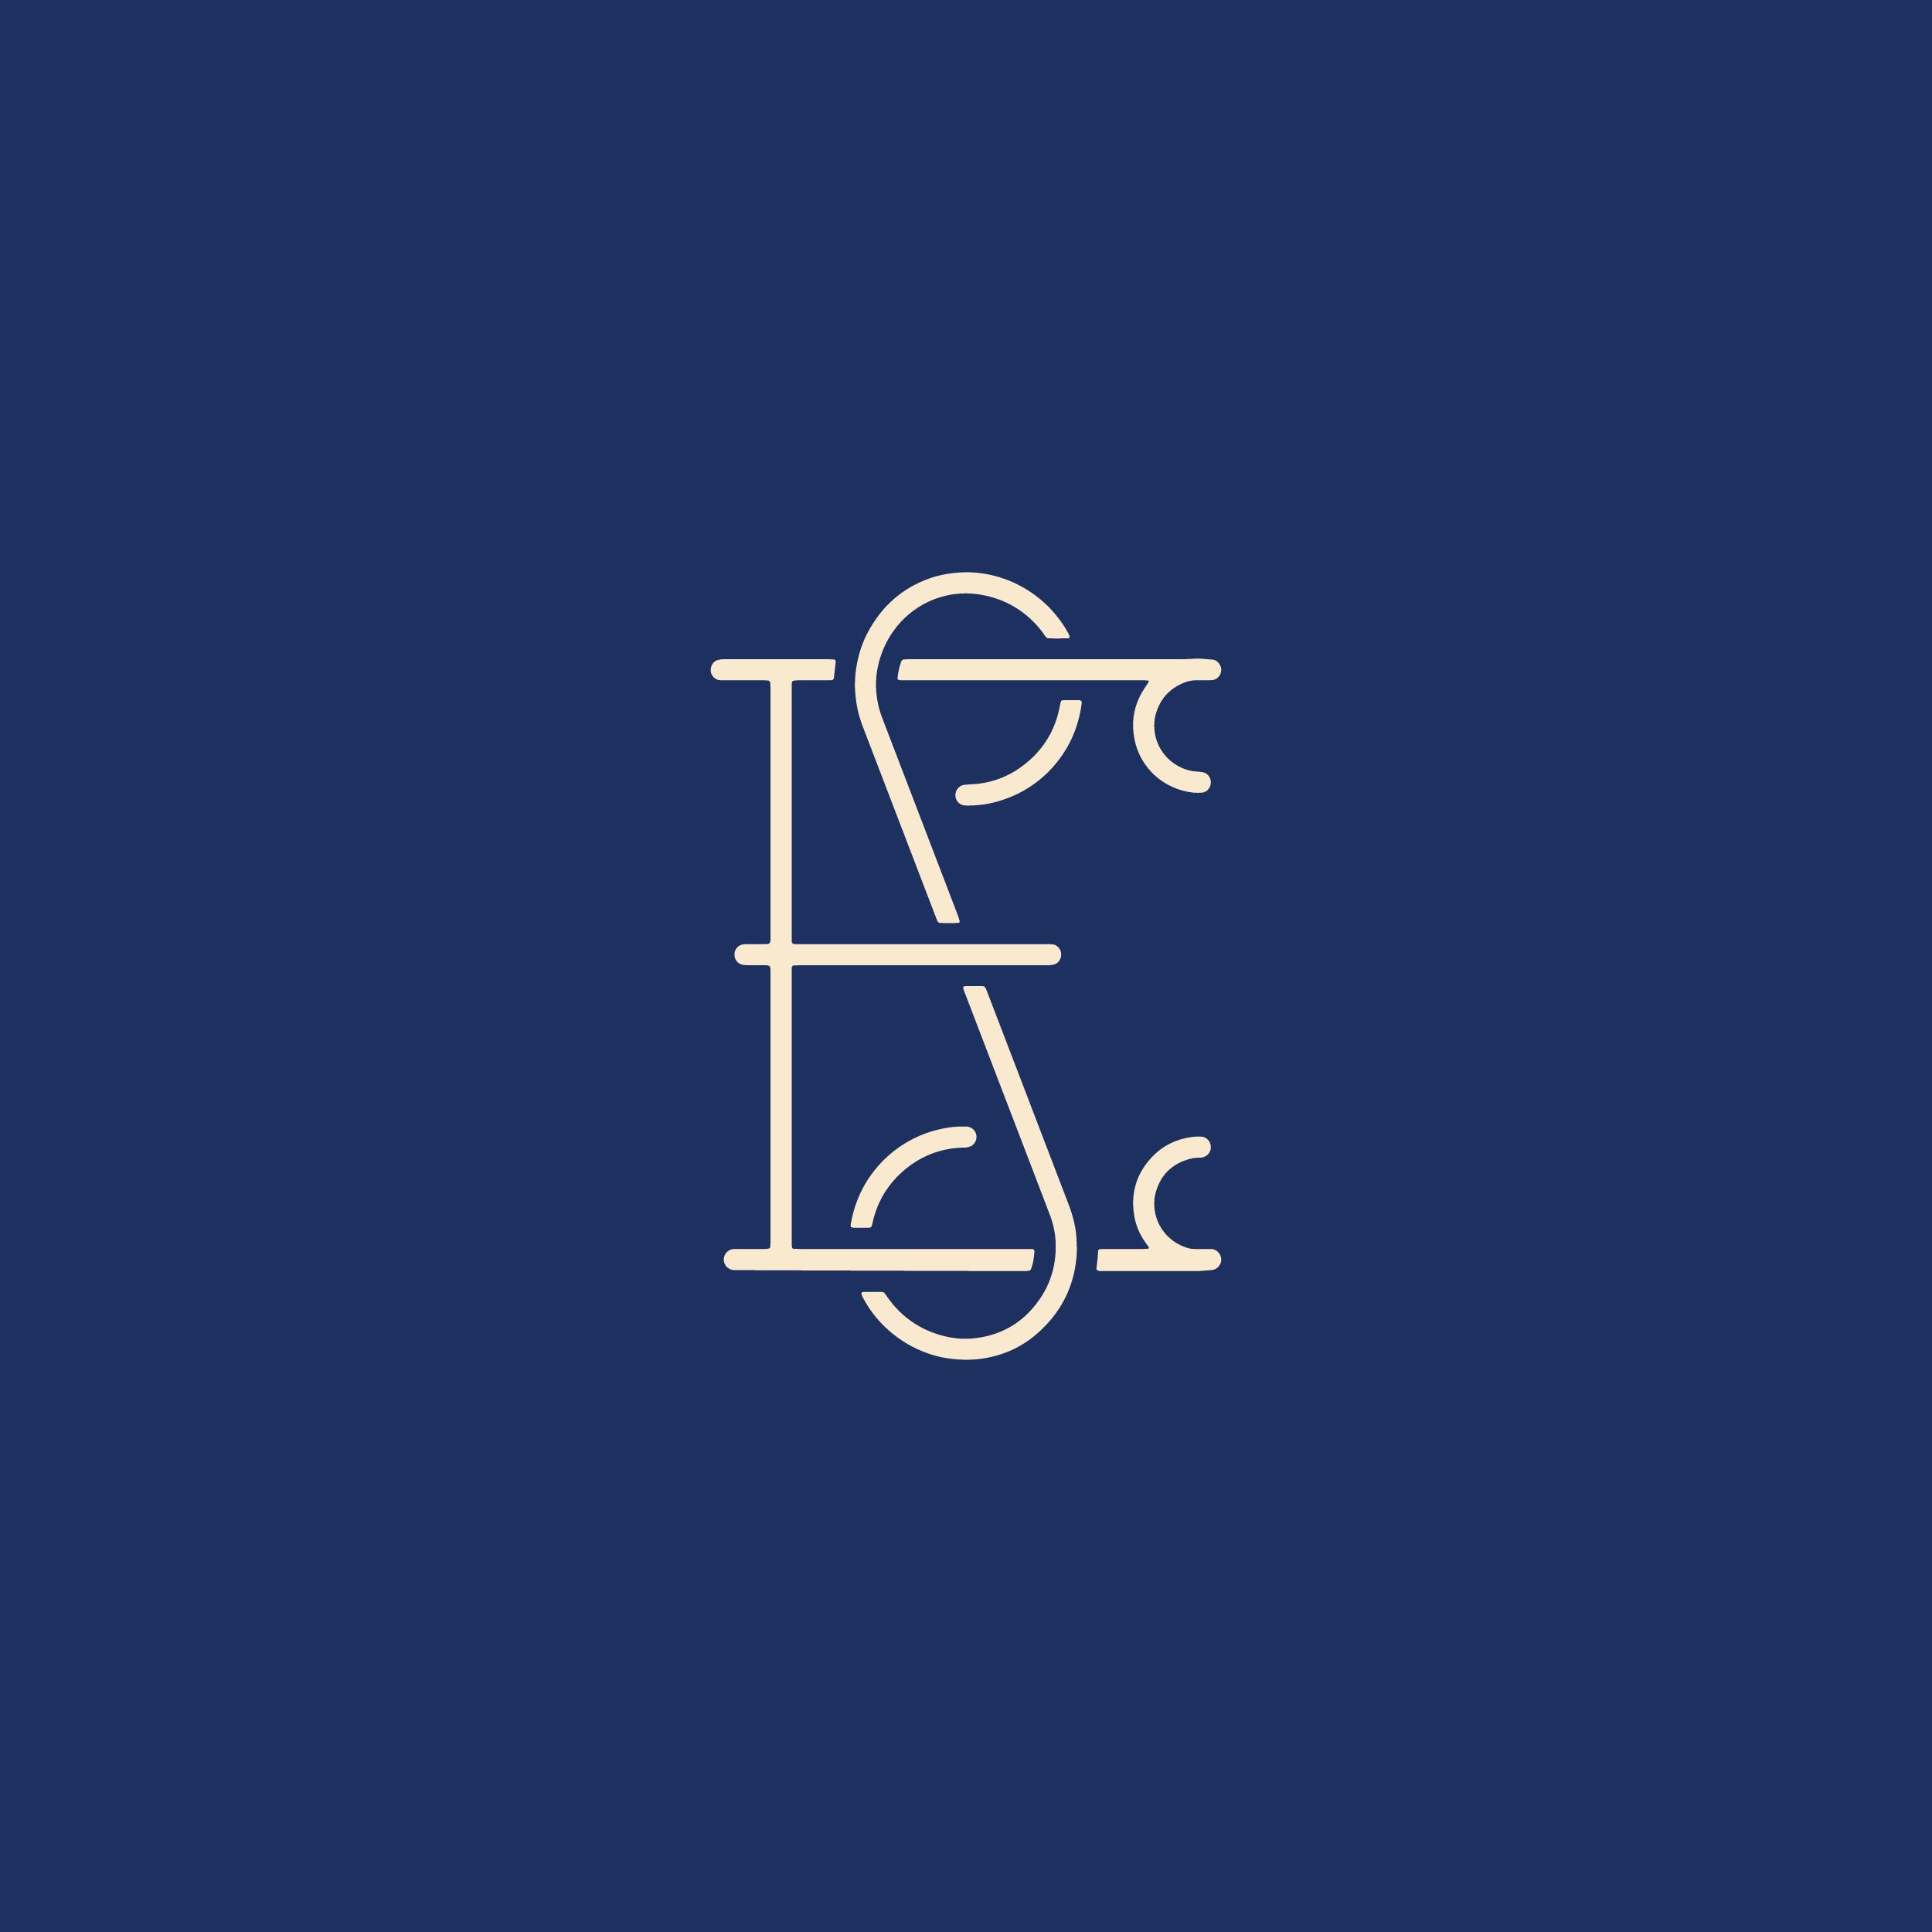 es_monogram.png